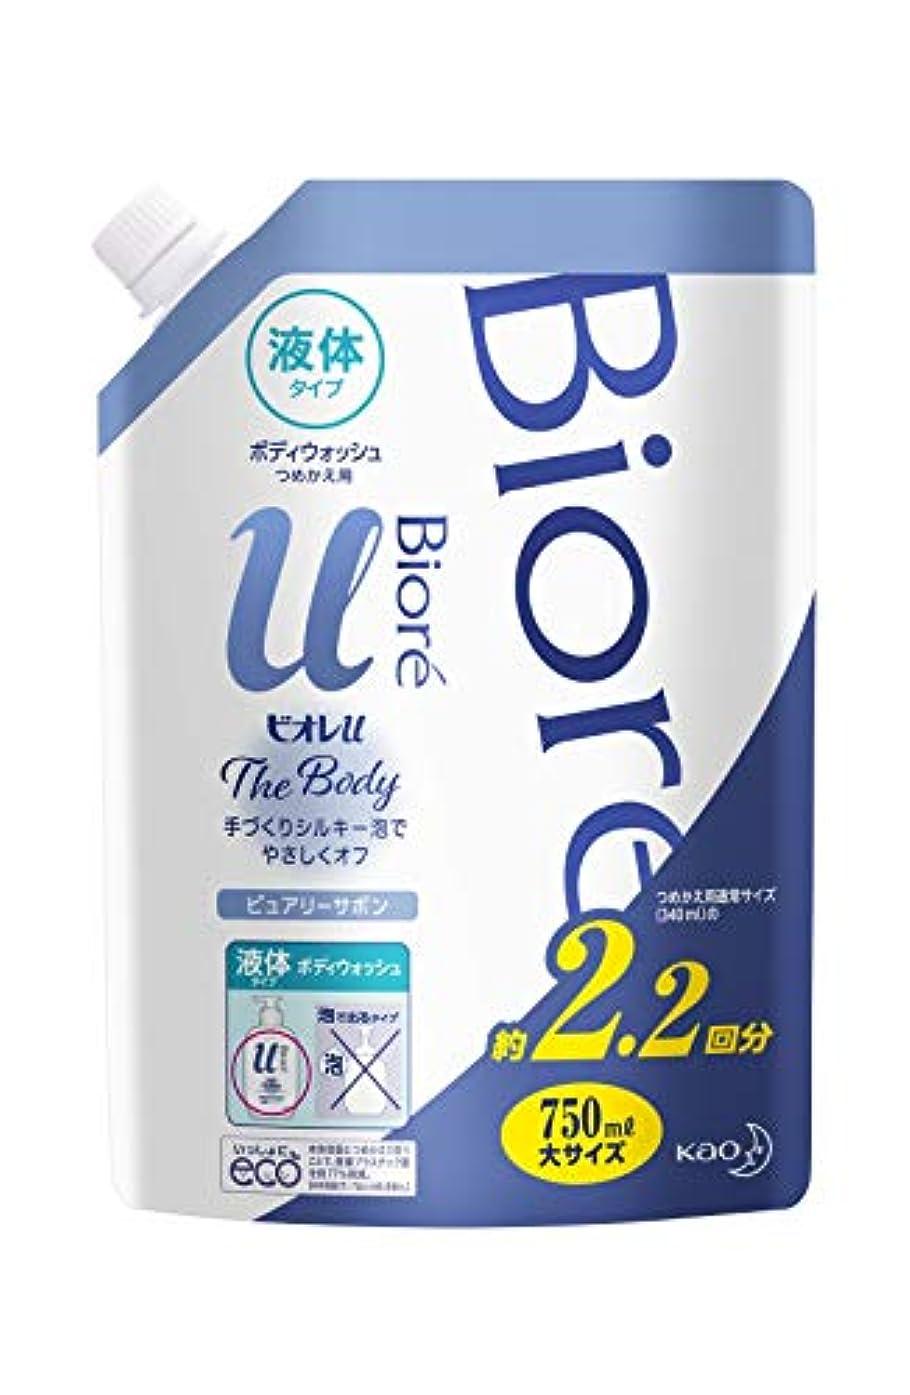 豆近々普通の【大容量】 ビオレu ザ ボディ 〔 The Body 〕 液体タイプ ピュアリーサボンの香り つめかえ用 750ml 「高潤滑処方の手づくりシルキー泡」